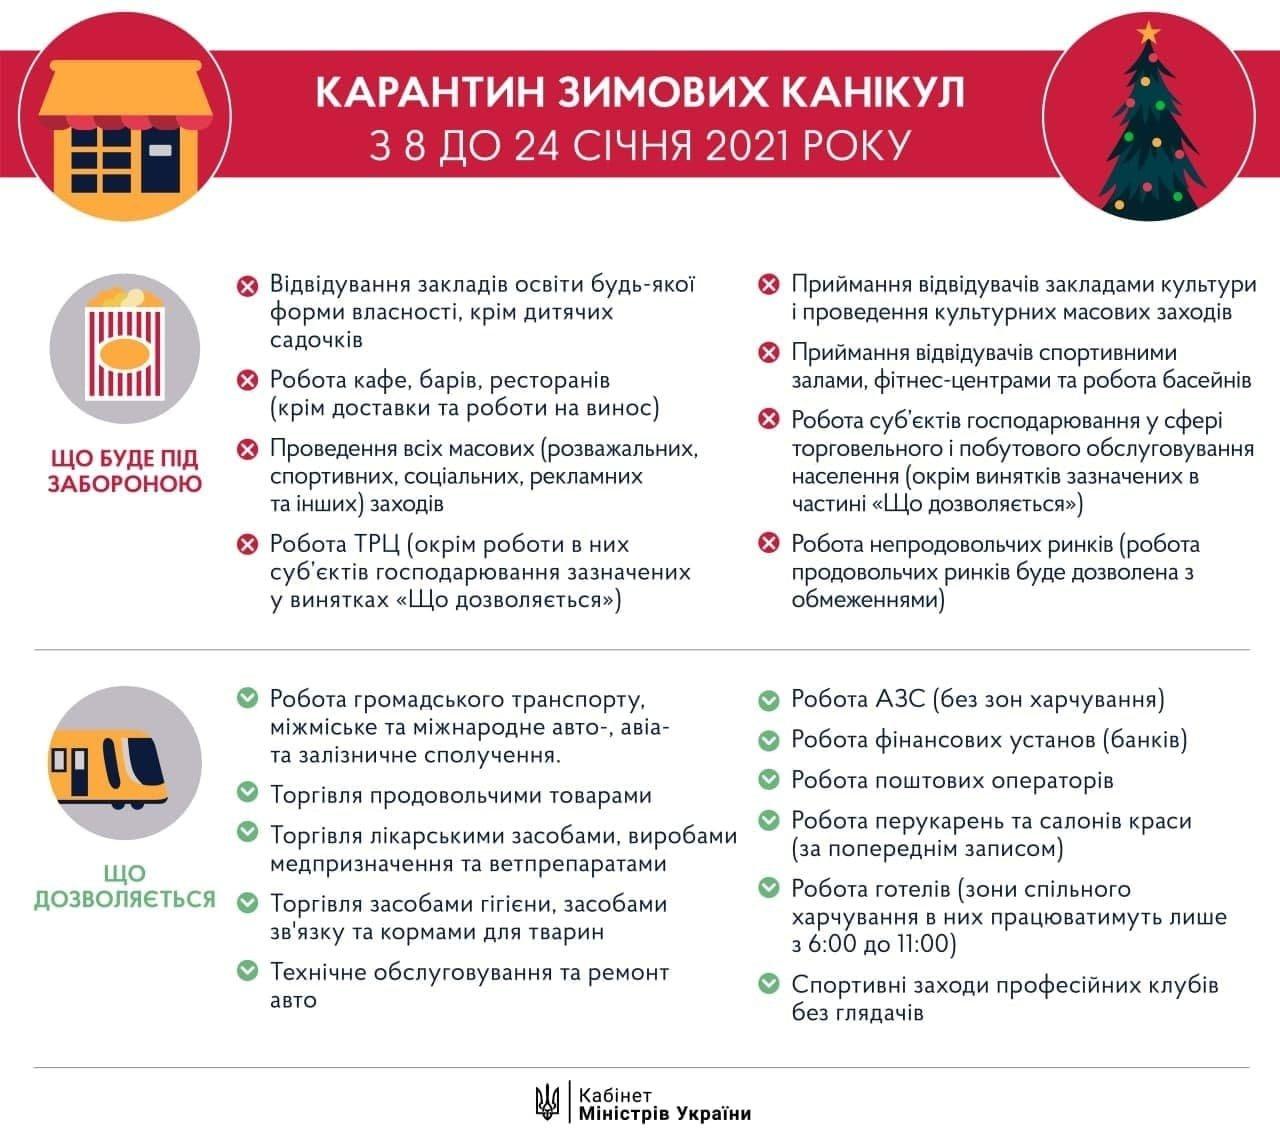 Условия посленовогоднего карантина в Киеве, Фото пресс-службы Кабинета министров